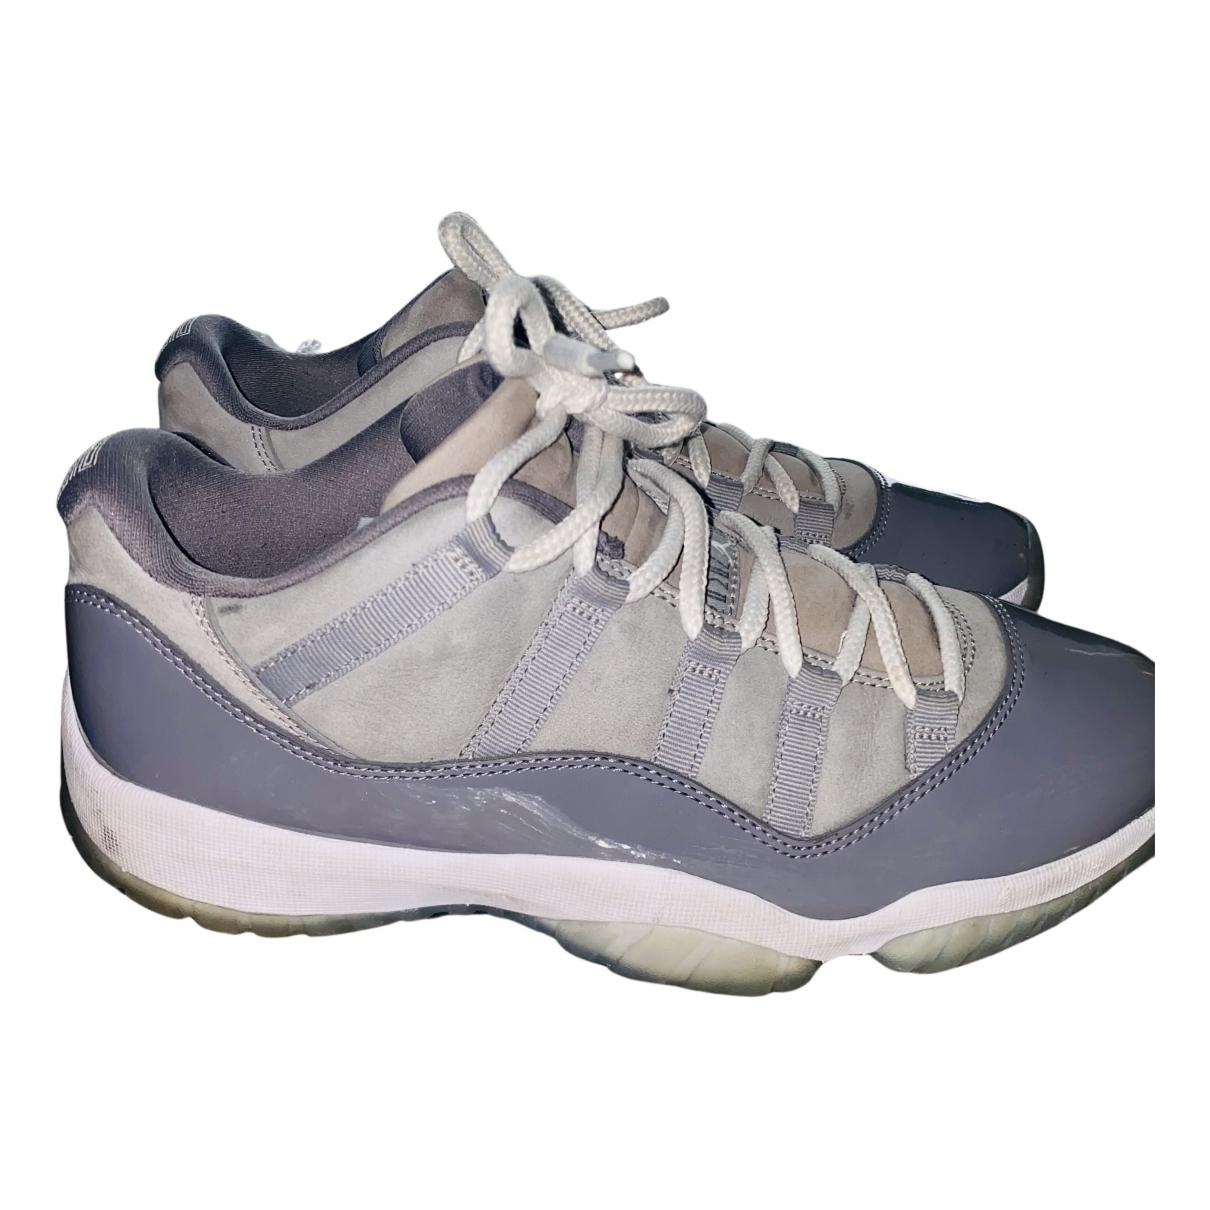 Jordan Air Jordan 11 Sneakers in  Grau Leinen